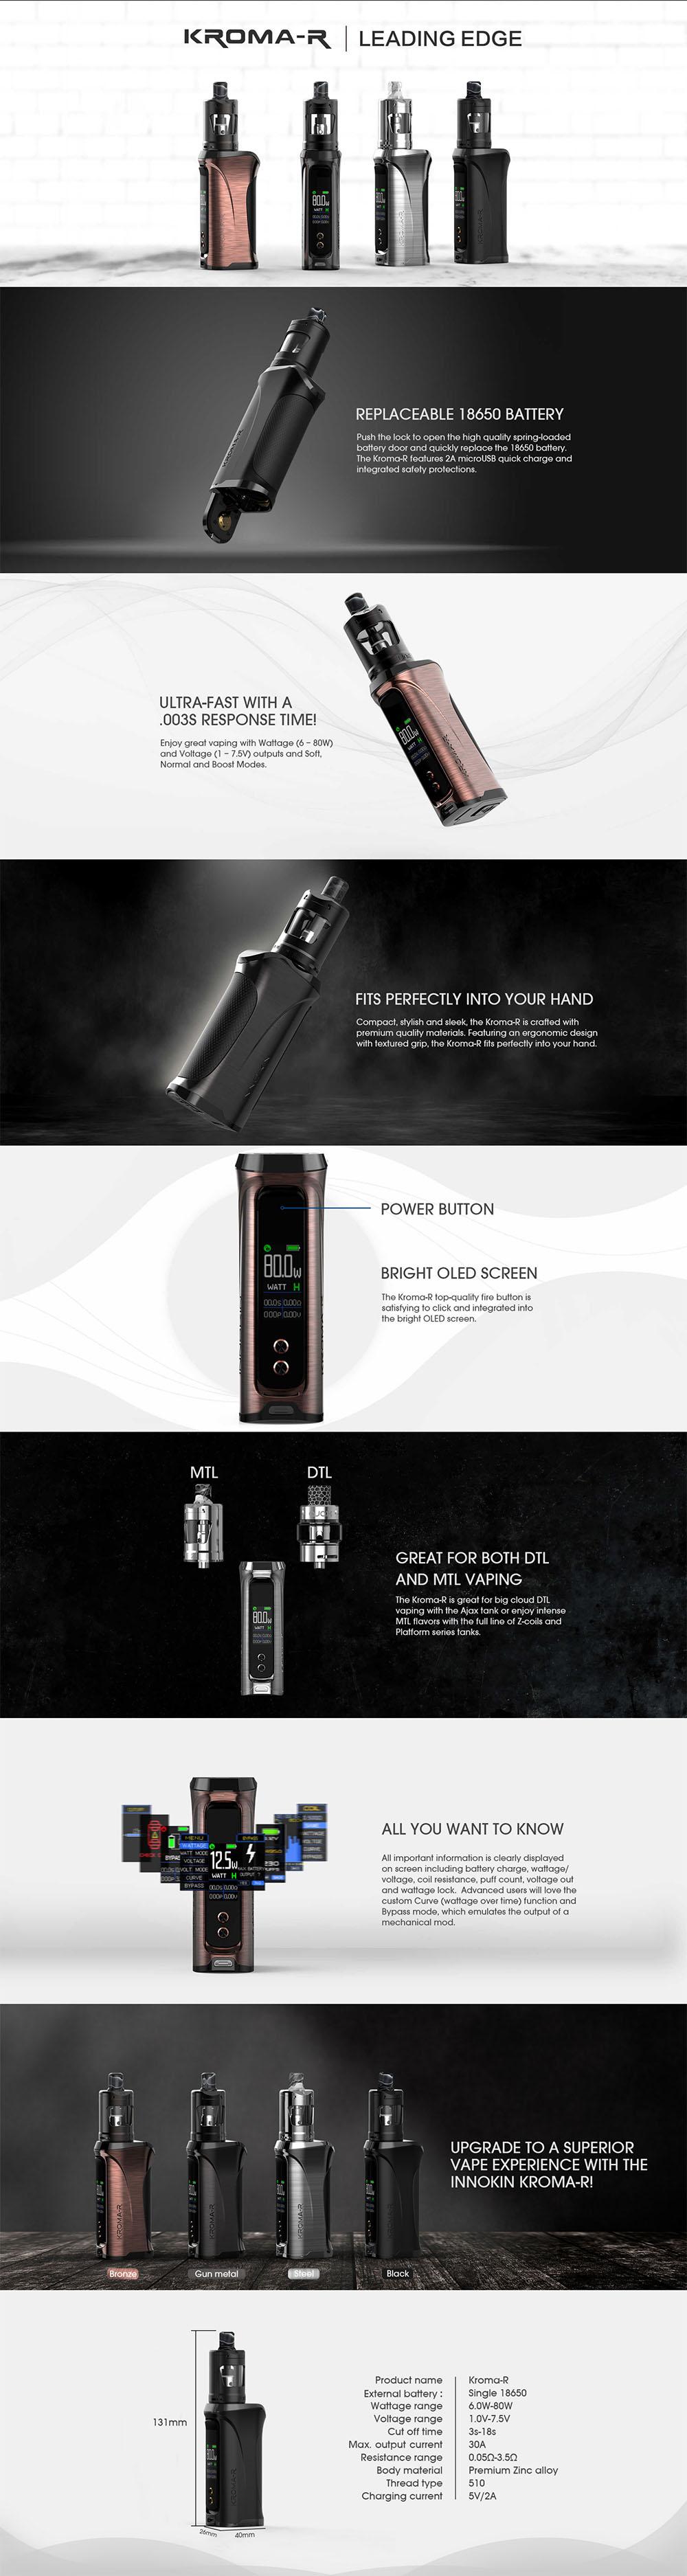 Innokin Kroma R 80W + Zlide 4ml Starter kit